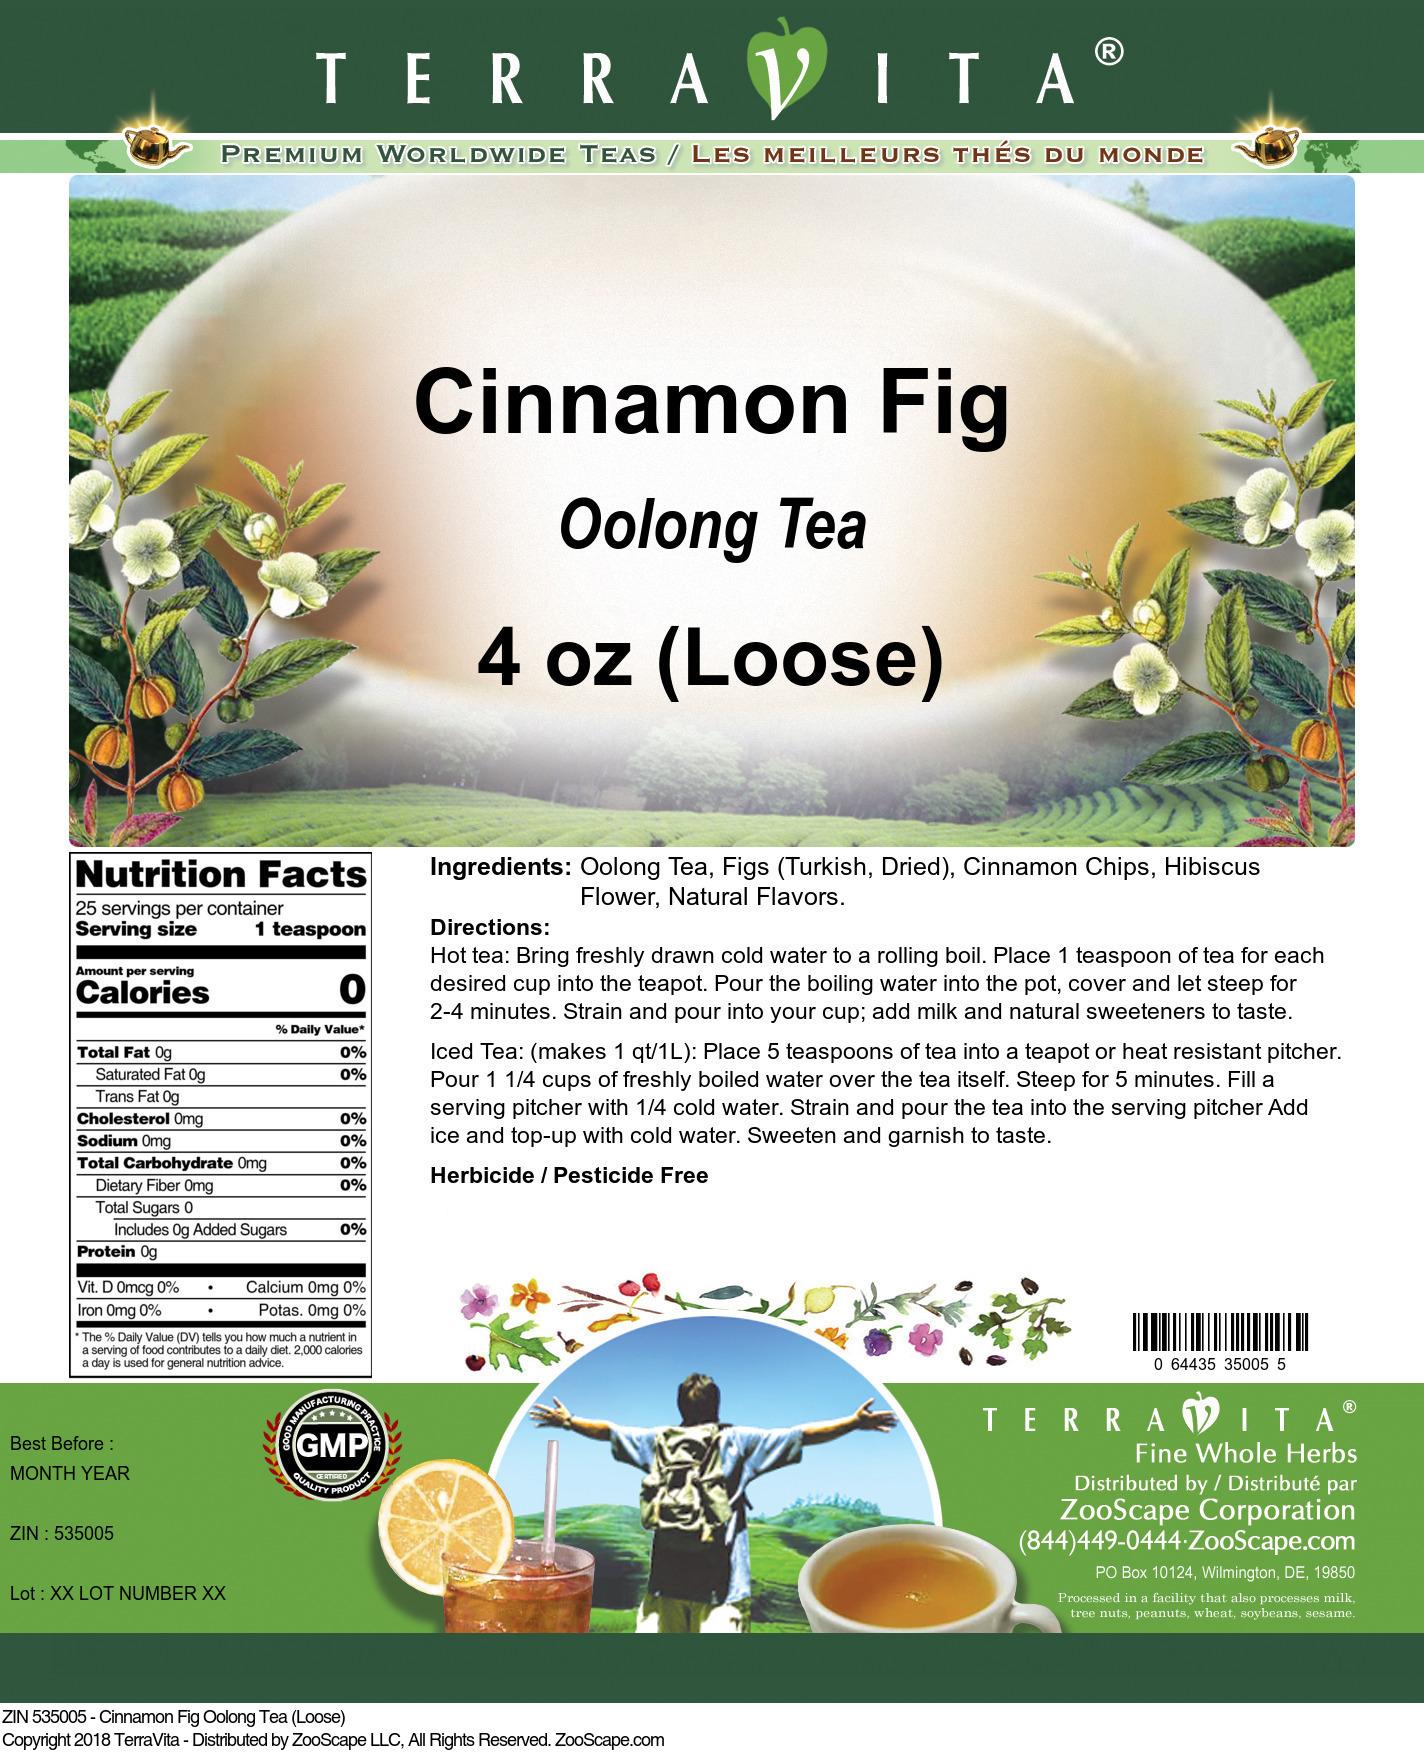 Cinnamon Fig Oolong Tea (Loose)